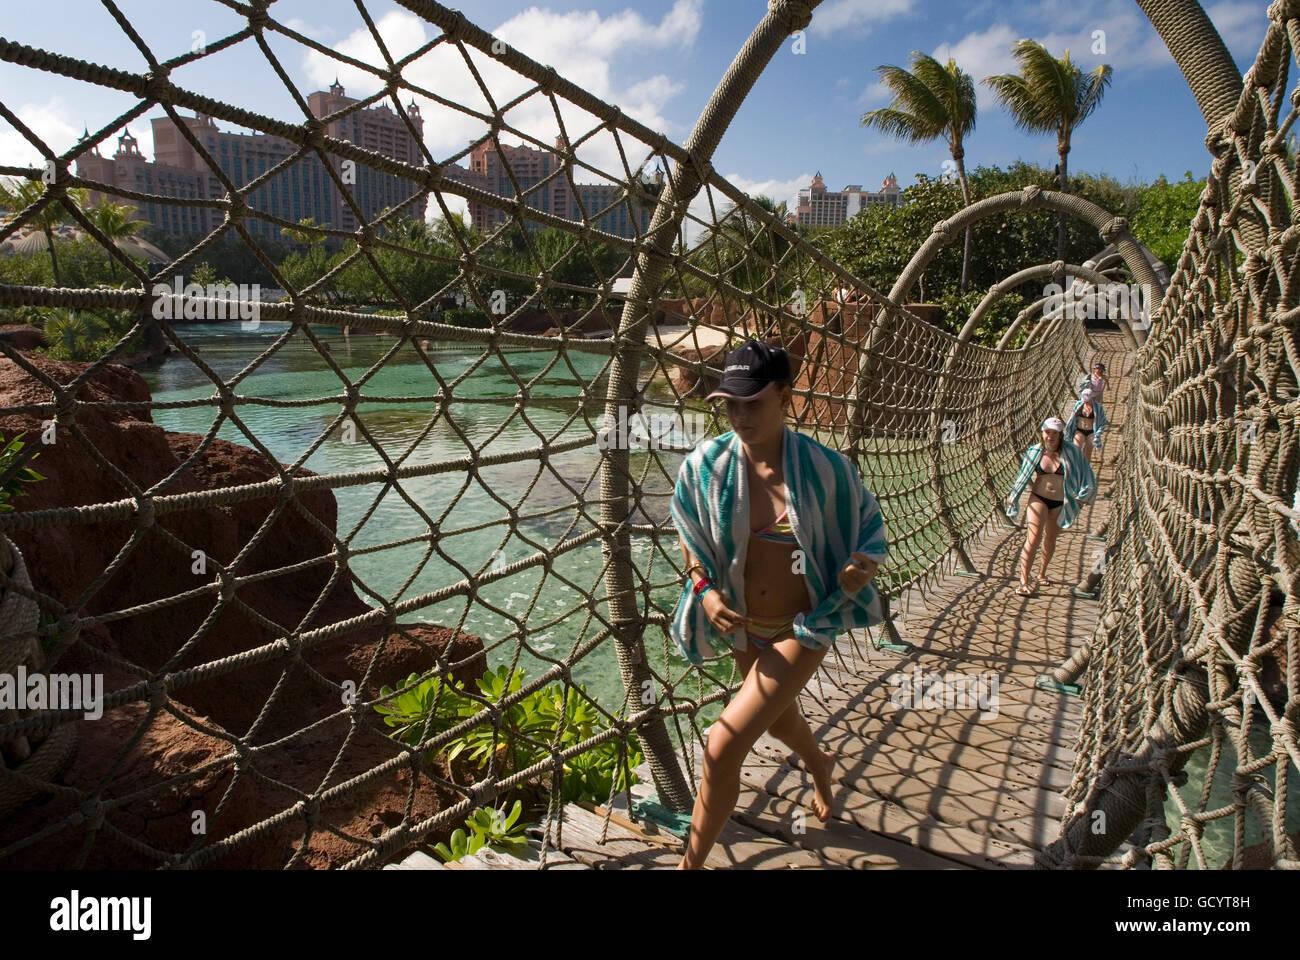 In Das Hotel Atlantis Paradise Island Nassau New Providence Island Bahamas Karibik Panorama Hotel Atlantis Und Pa Stockfotografie Alamy